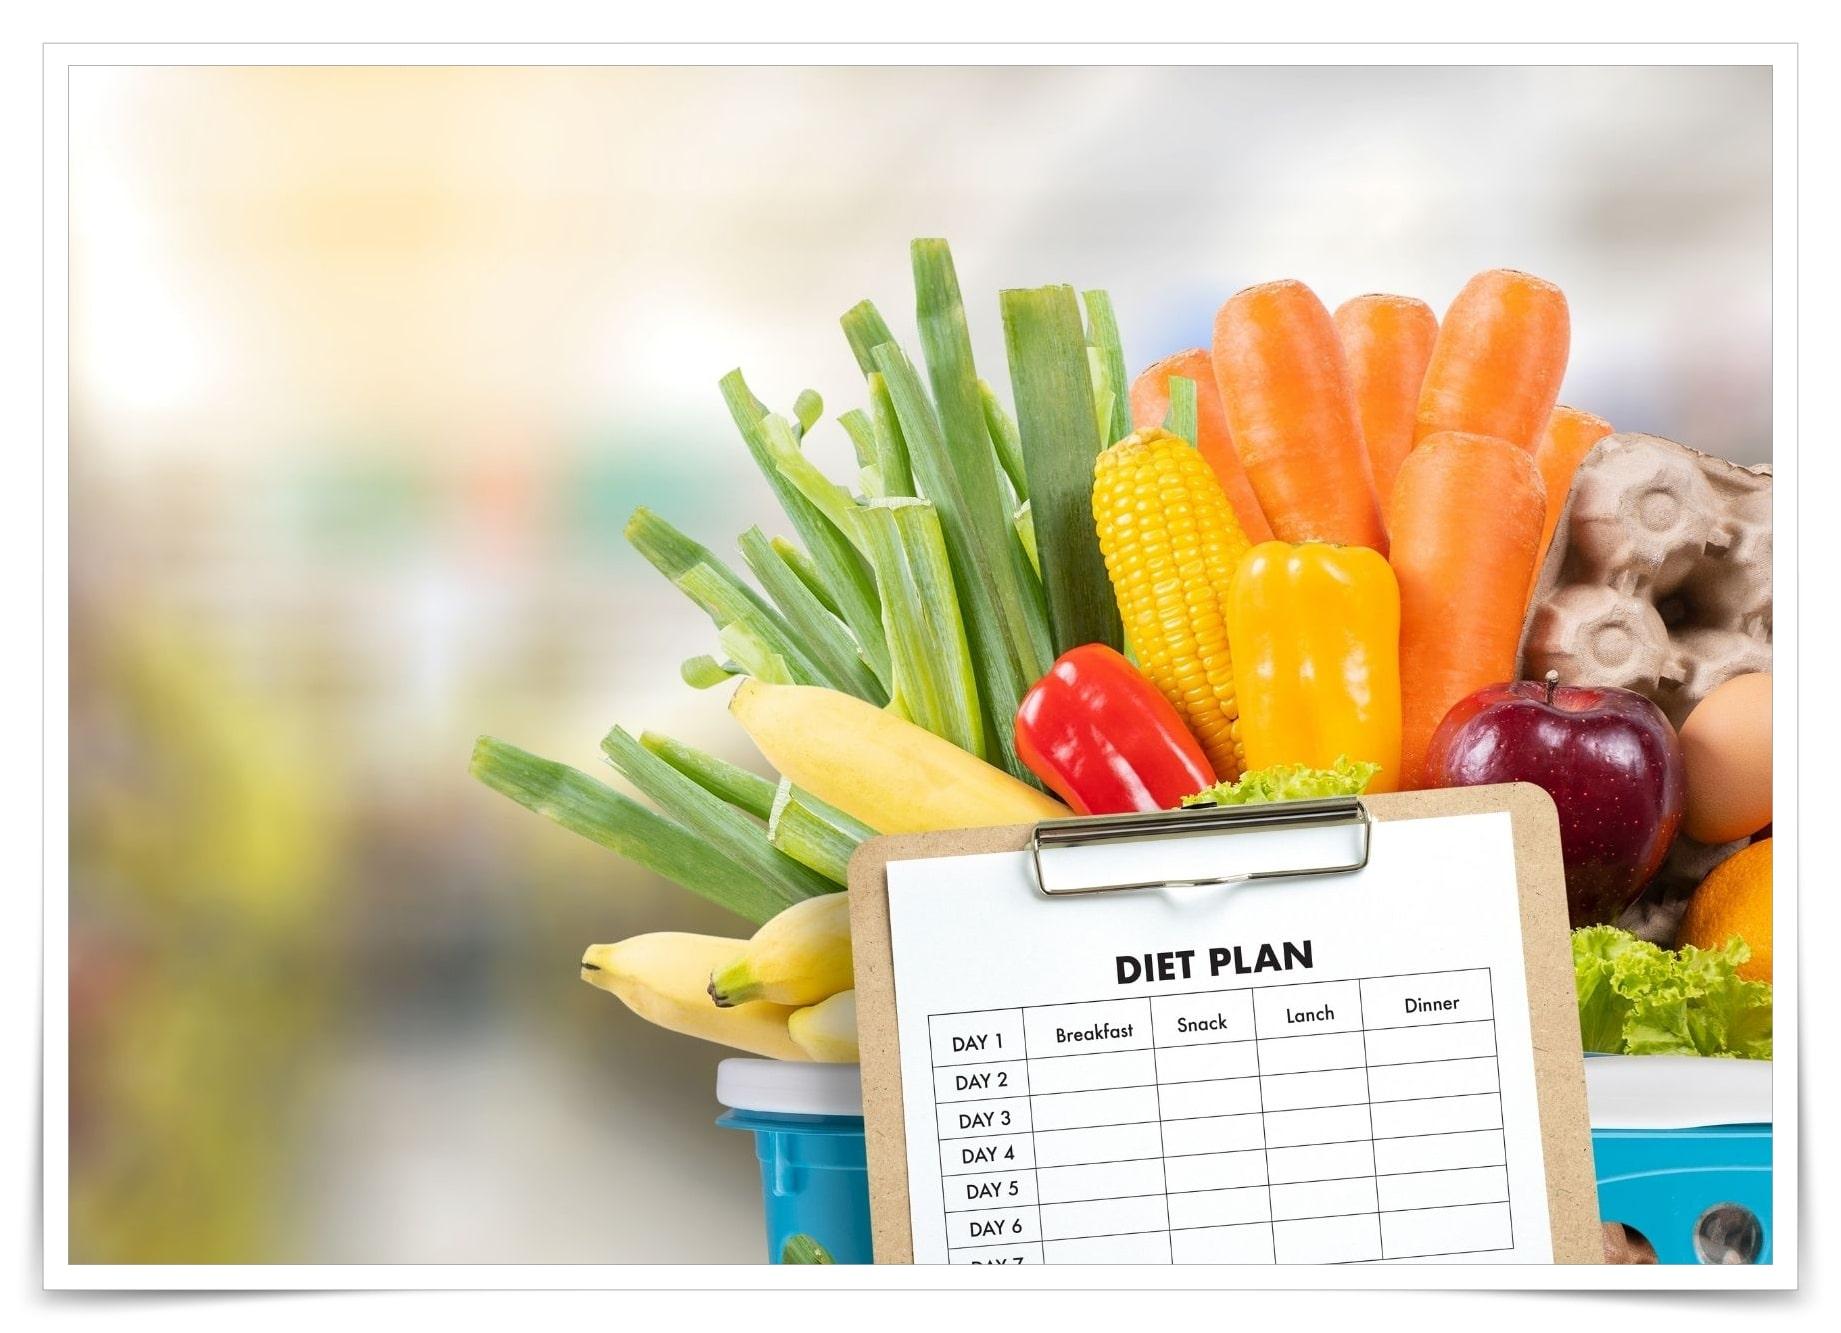 糖質,一日,摂取量,ダイエット,何グラム,女性,男性,50g,ロカボ,コンビニ